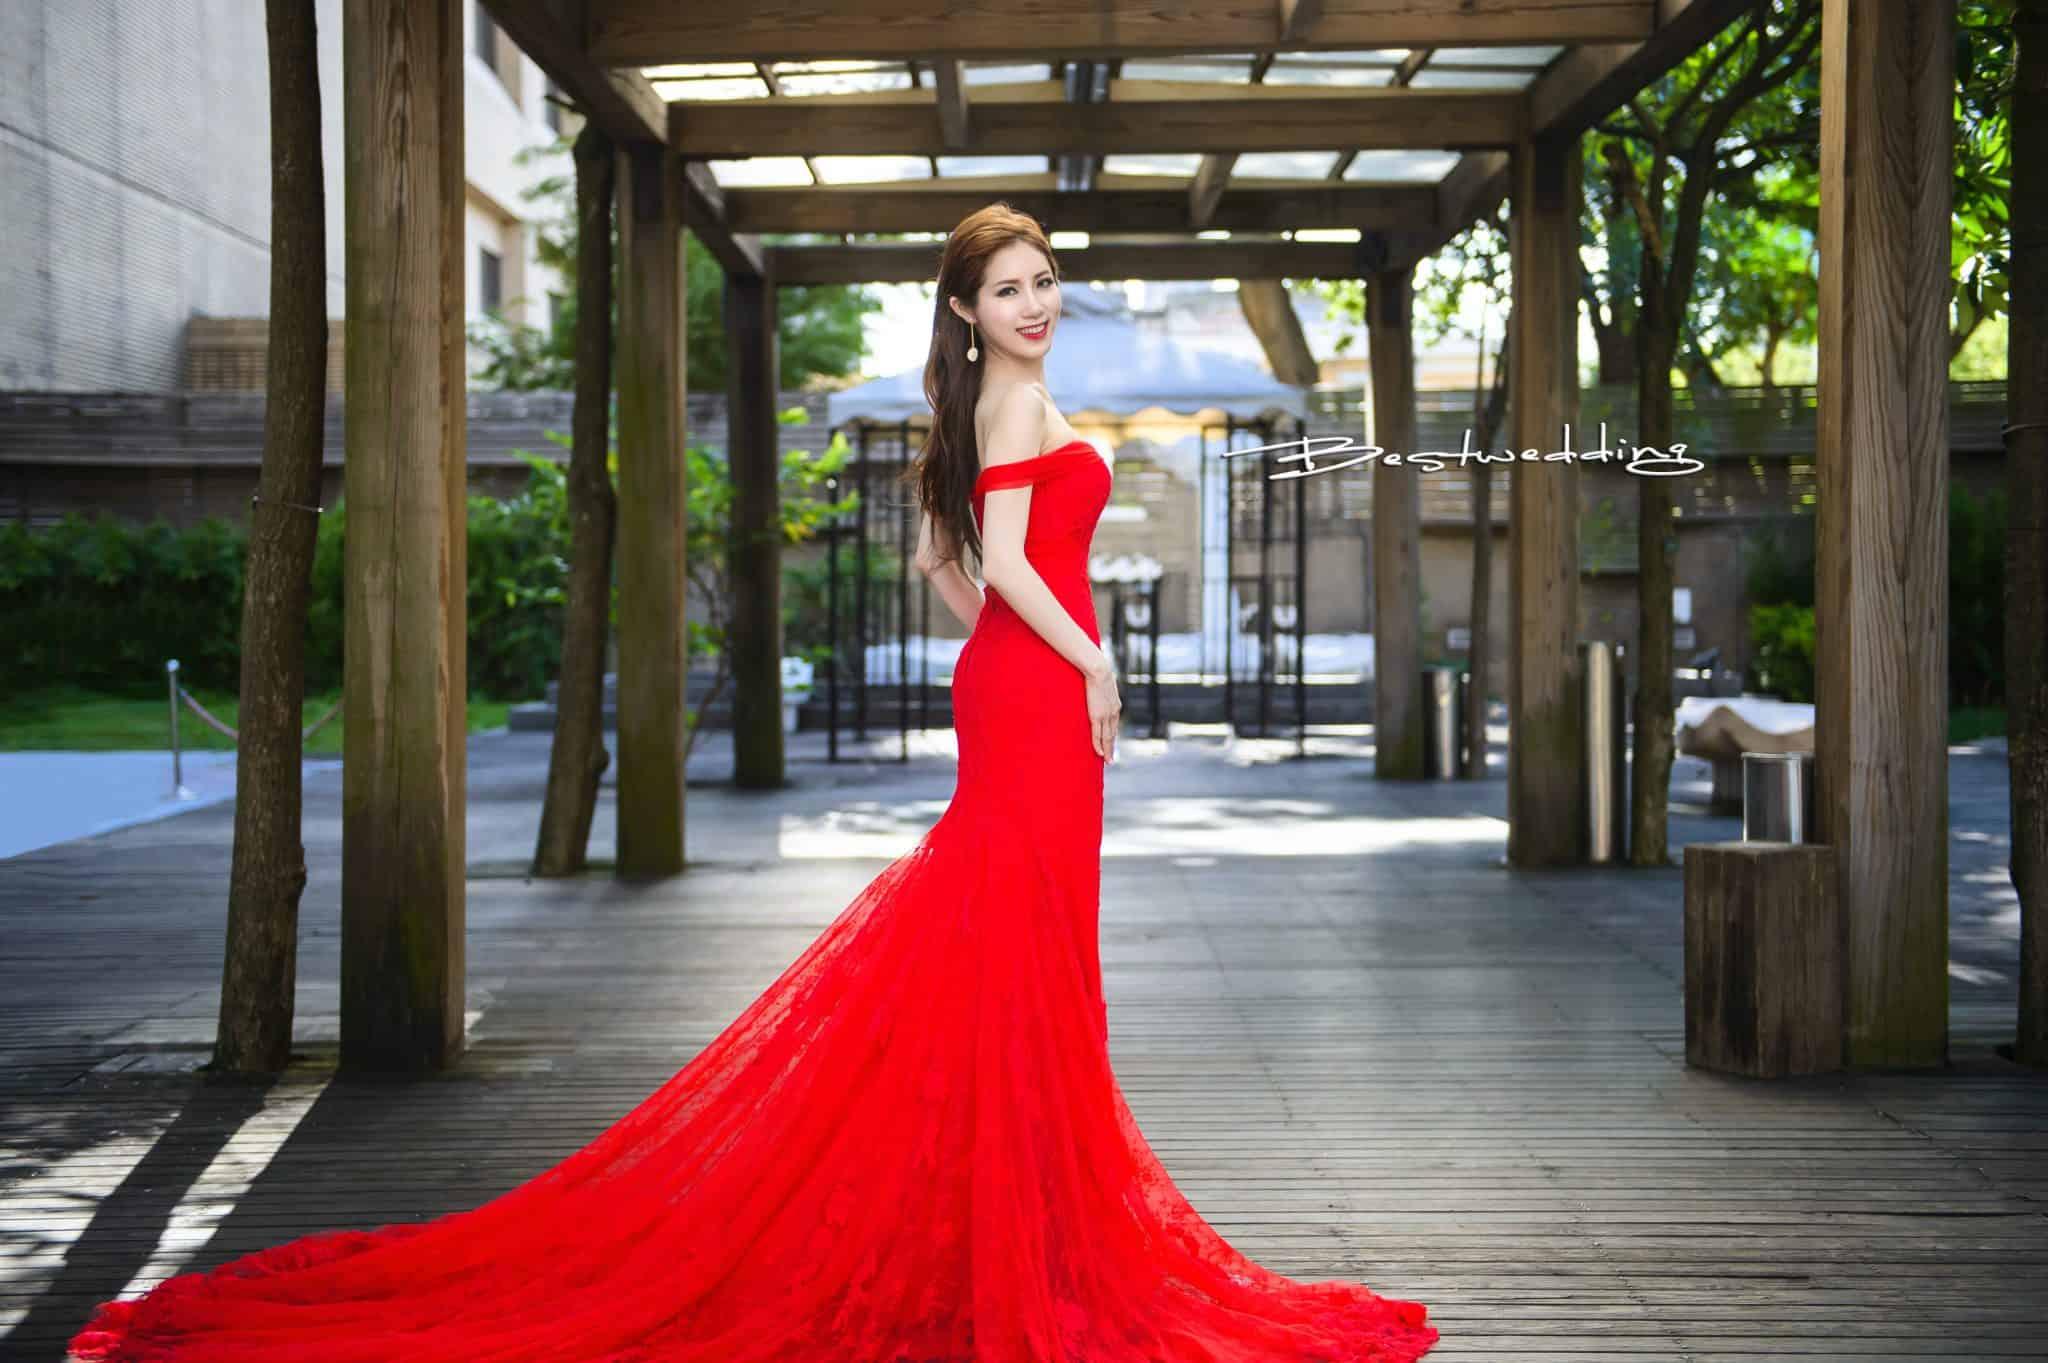 【婚攝優哥】Liaofat ♥ Hsuan - 徐州路2号庭園會館